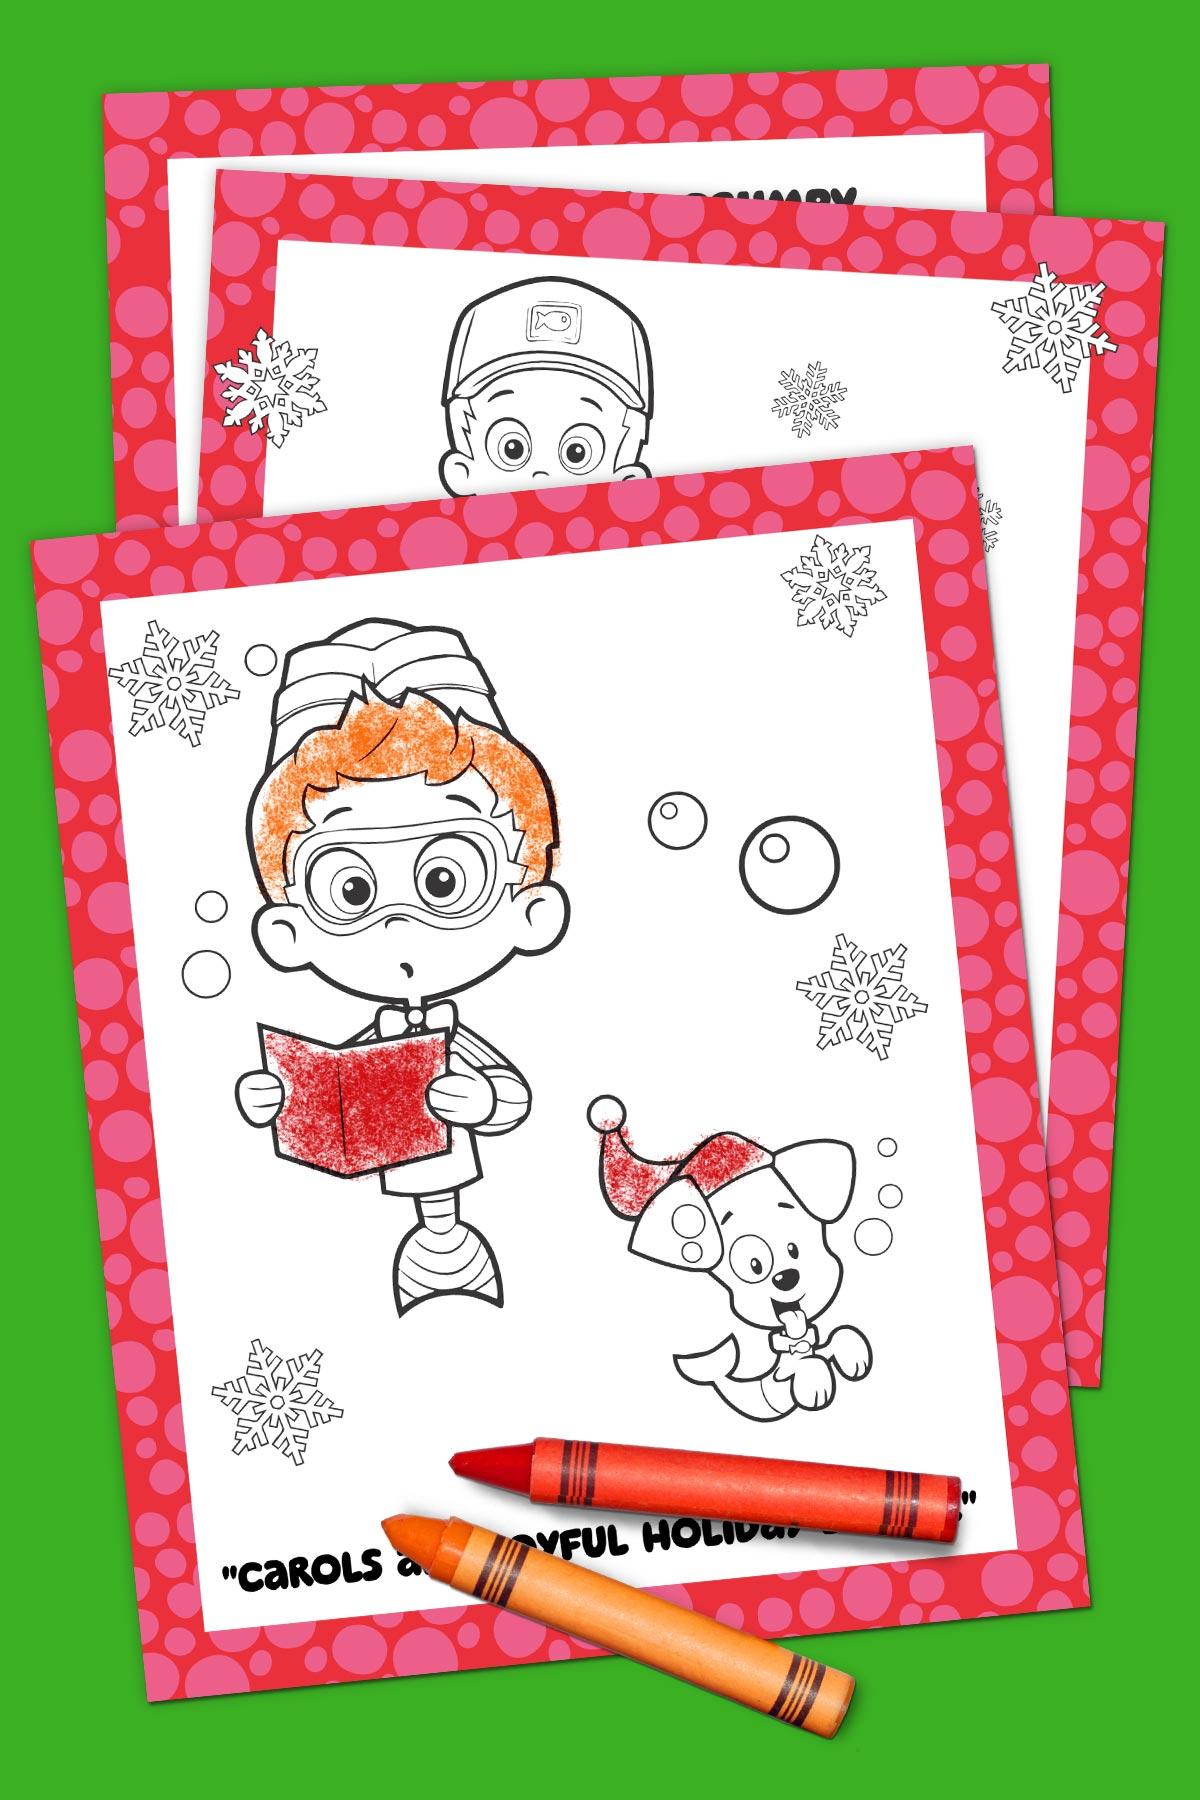 The Guppies Save Christmas Cheer!